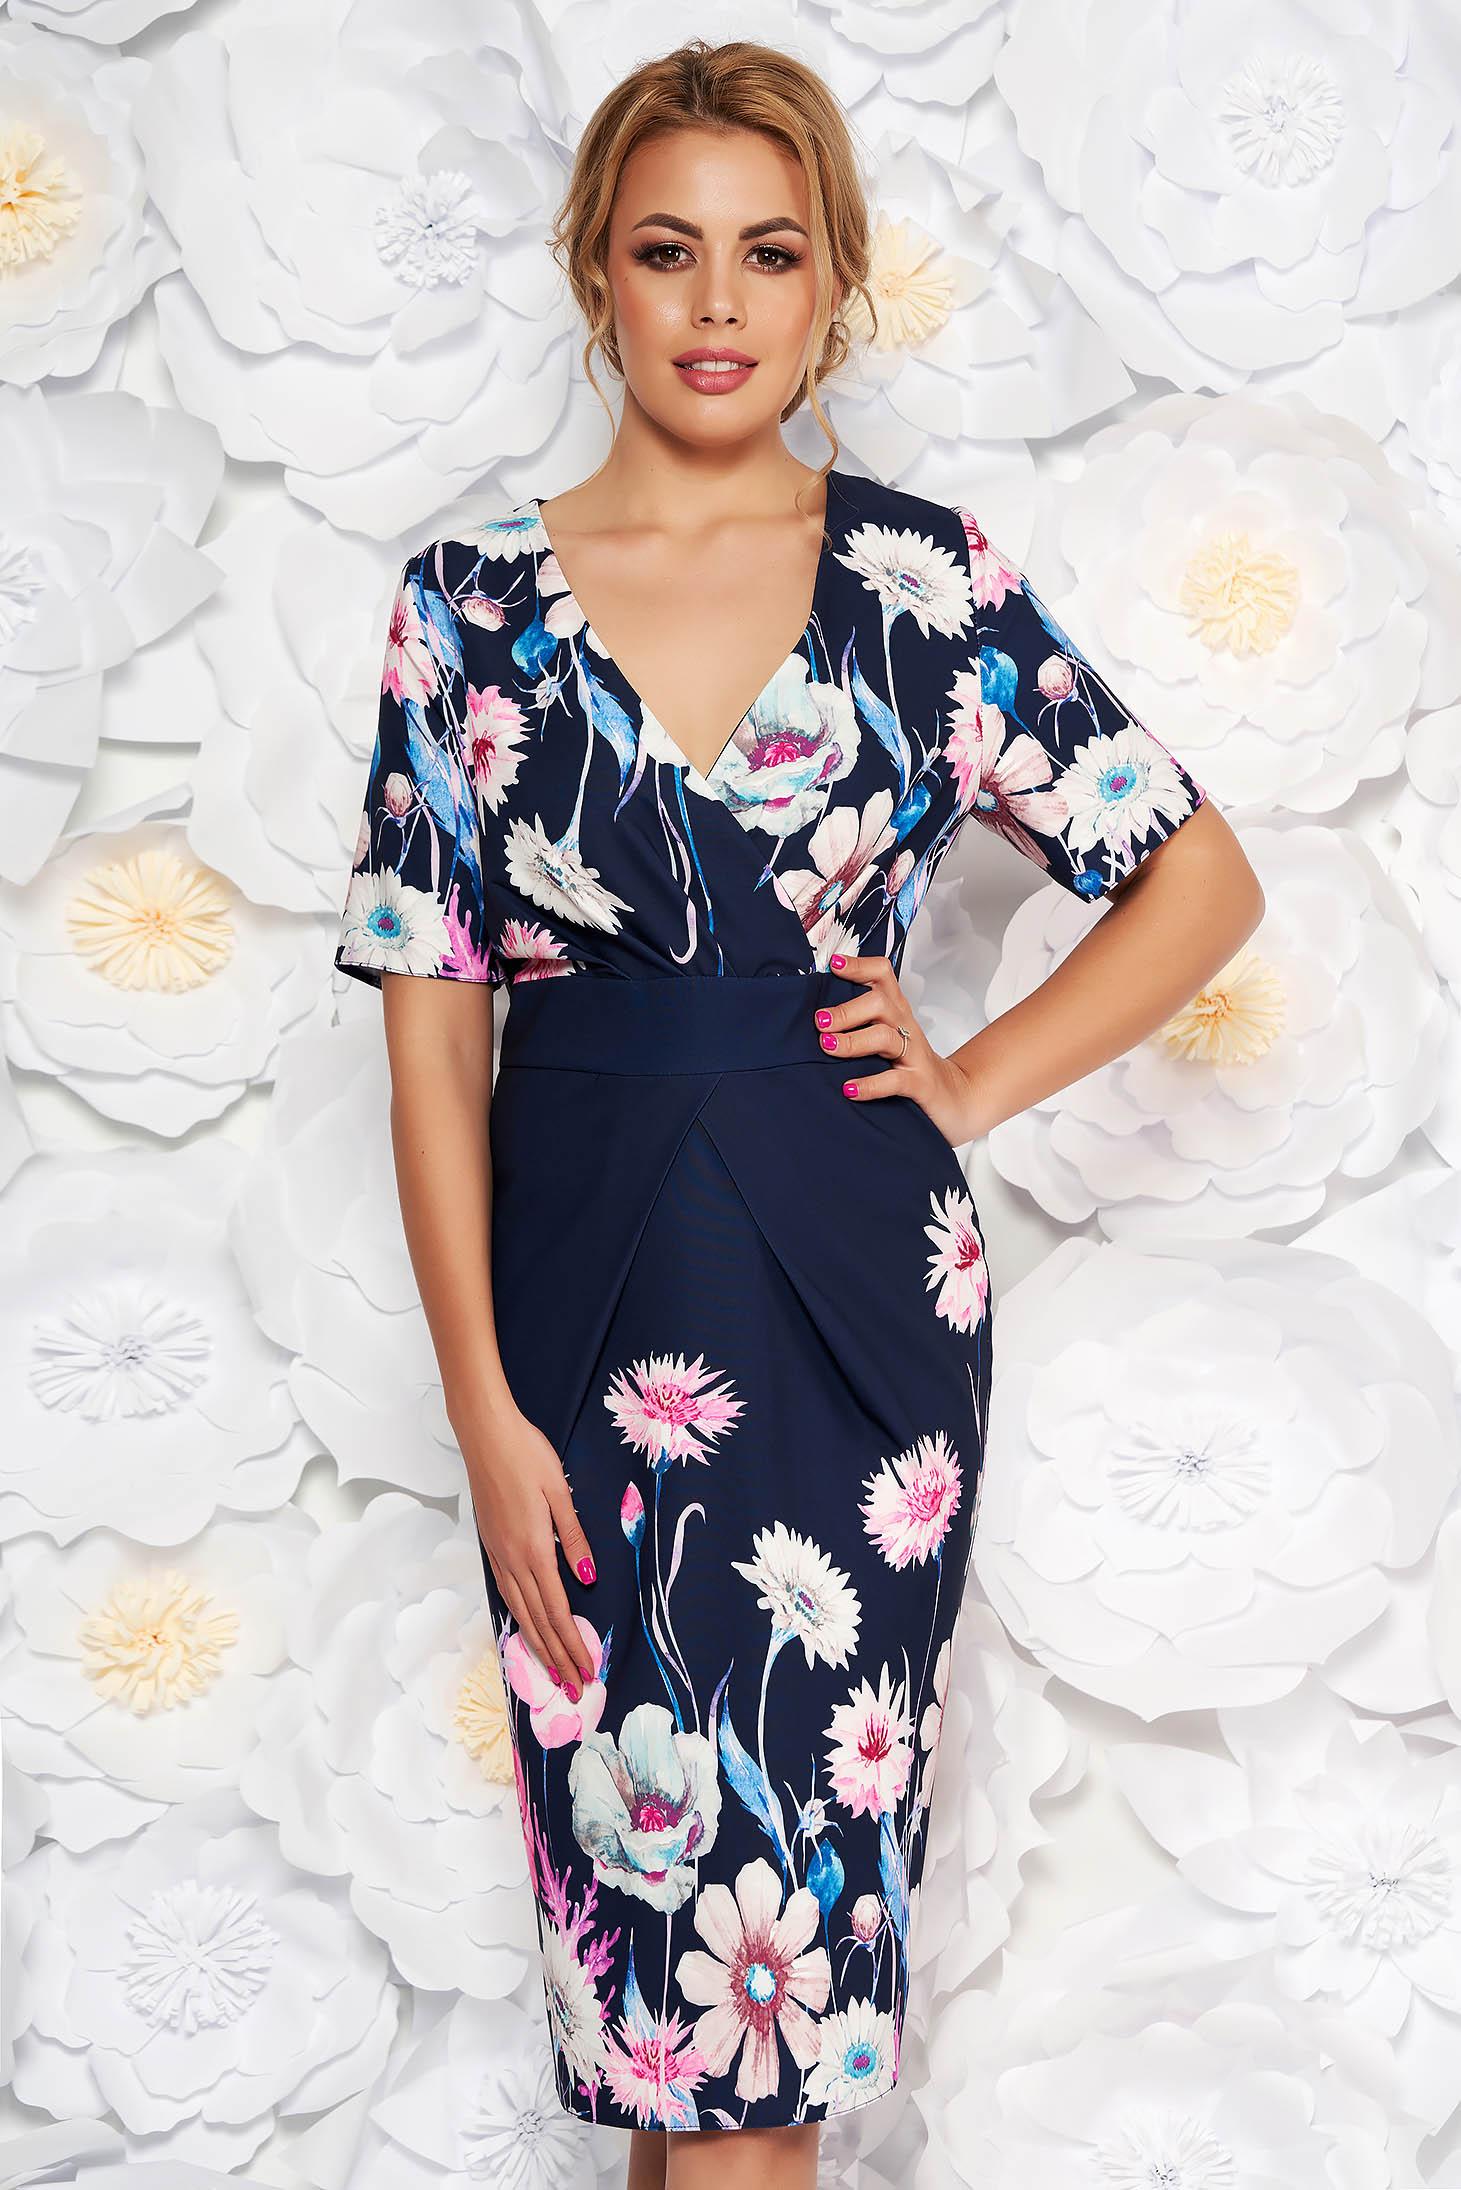 Rochie albastru-inchis eleganta tip creion cu decolteu in v din material usor elastic cu imprimeuri florale